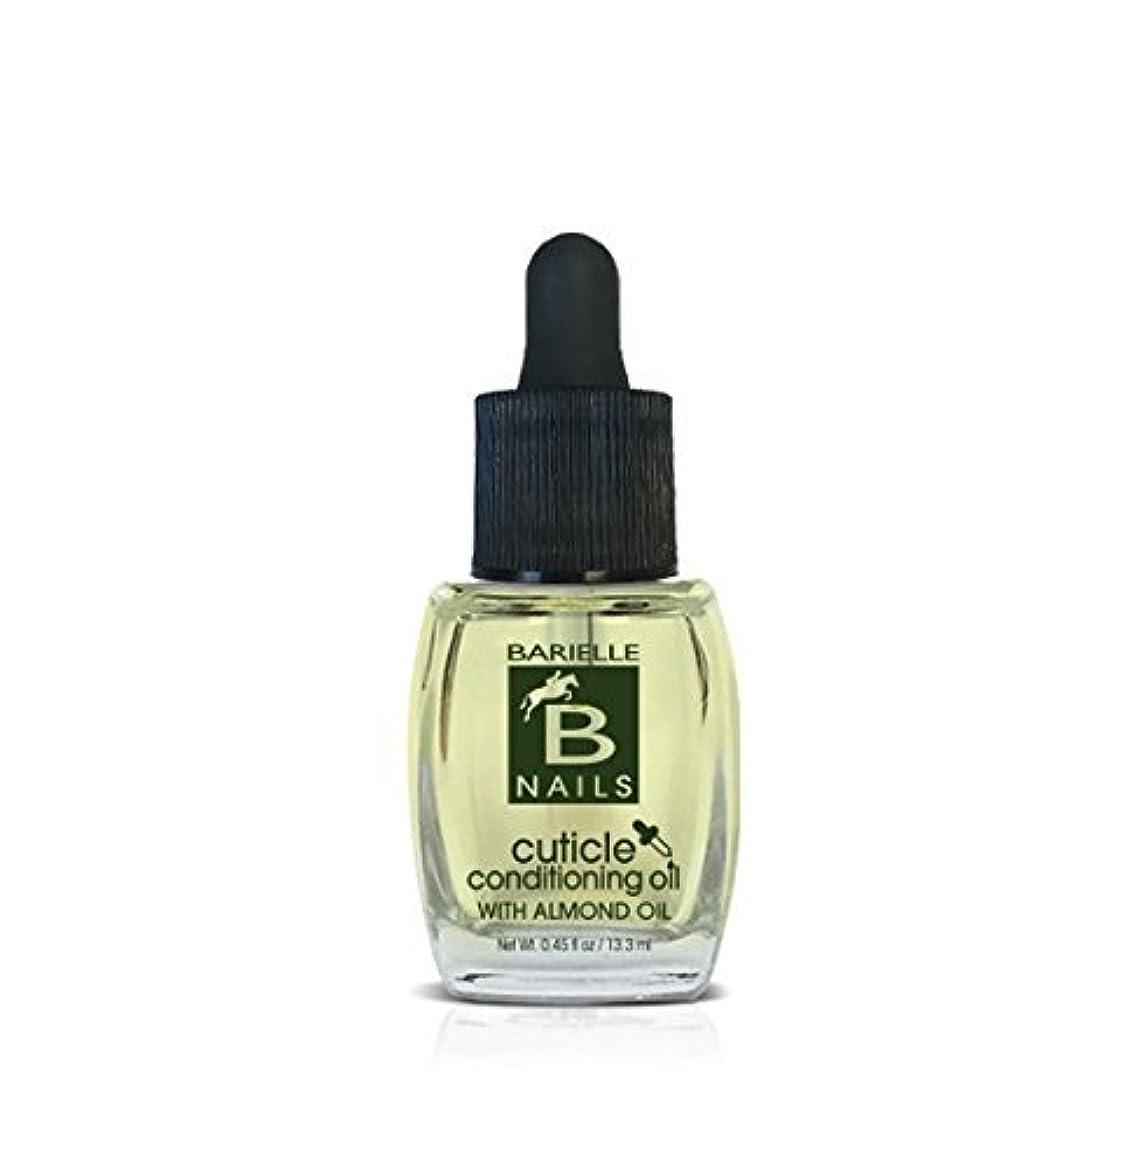 透けて見える犠牲推進力Barielle Nails - Cuticle Conditioning Oil with Almond Oil w/ Dropper - 13.3 mL / 0.45 oz